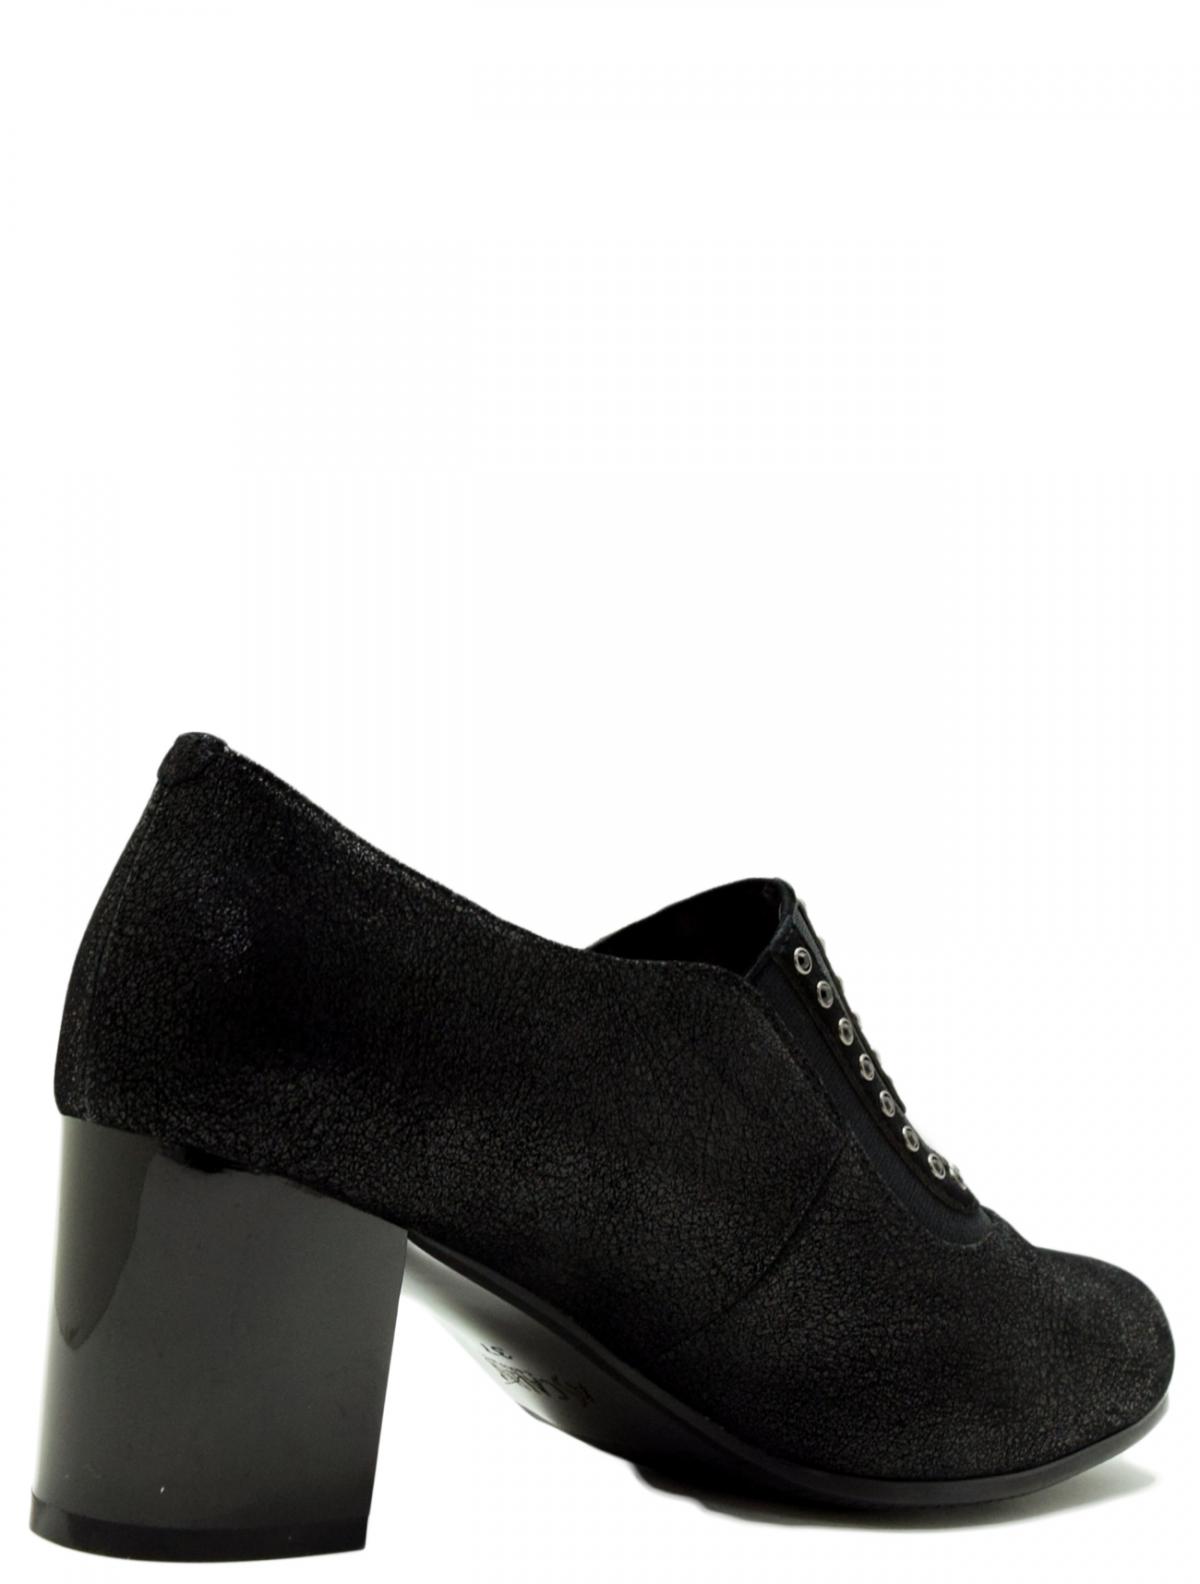 Ascalini W22184 женские туфли